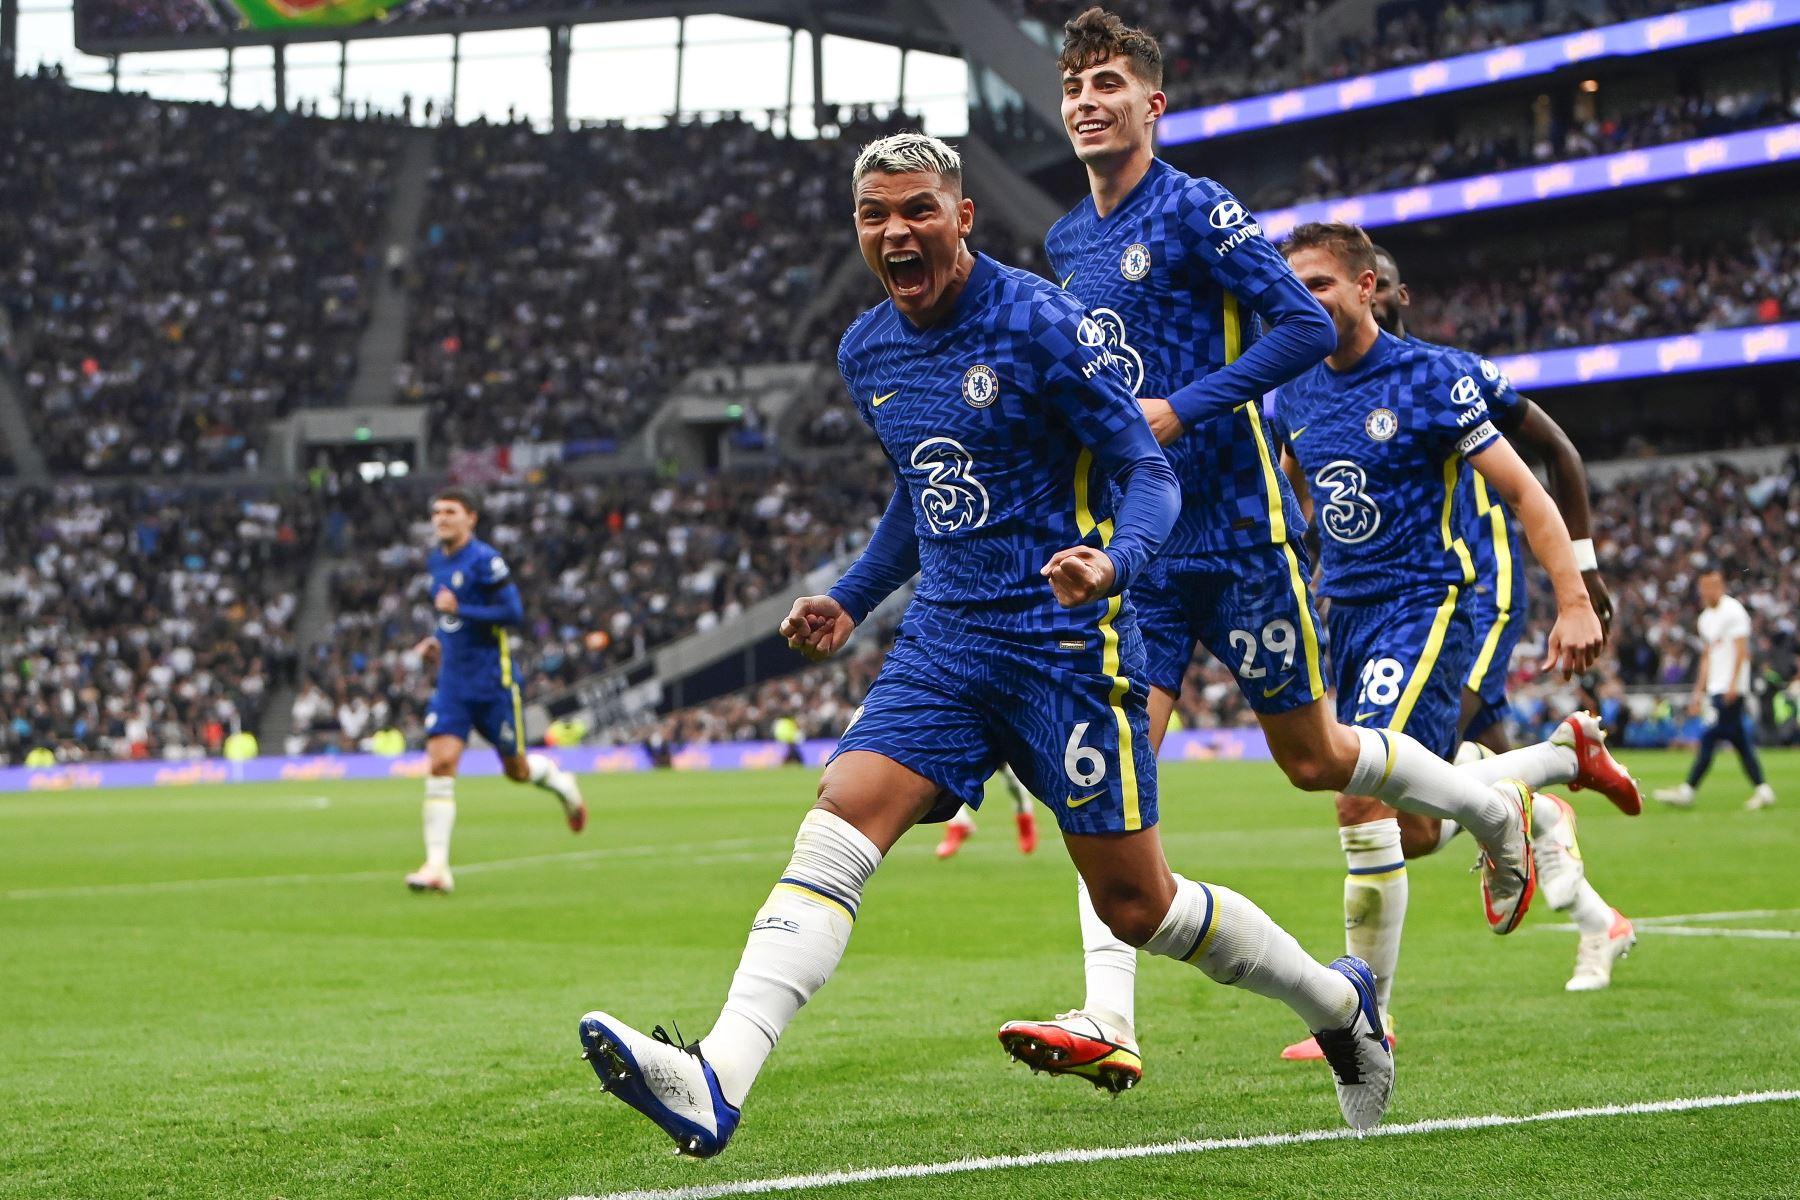 Thiago Silva del Chelsea celebra con sus compañeros tras anotar el 1-0 ante Tottenham durante el partido de la Premier League. Foto: EFE